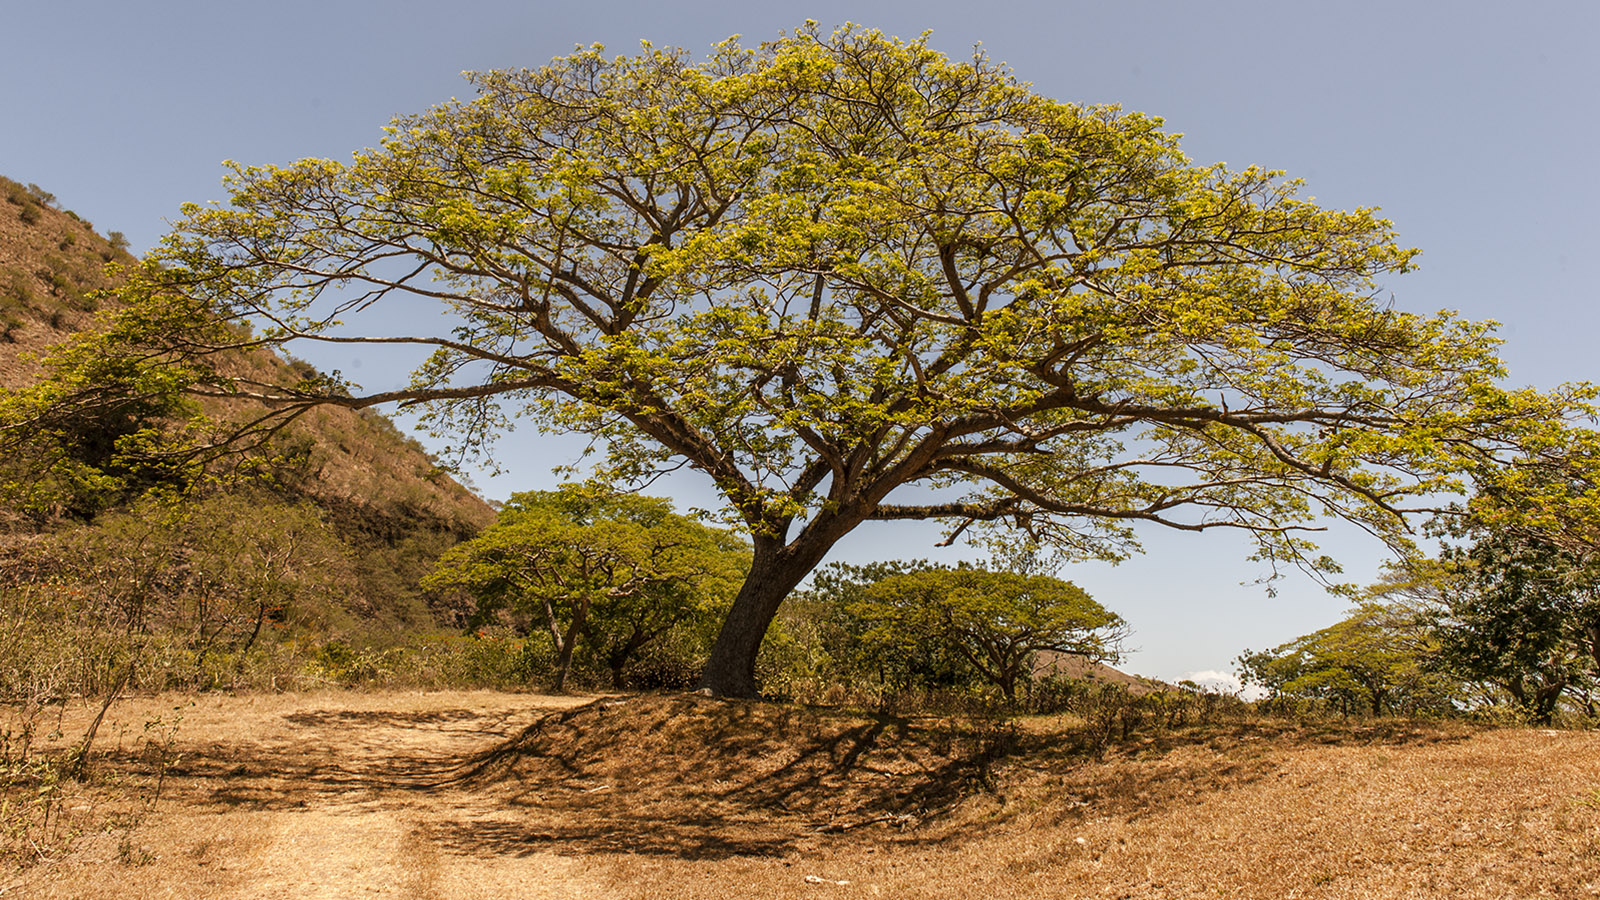 Wilde Westen: Auf den weiten Weiden bieten riesige Bois Noir (Blackwood)-Bäume Schatten. Foto: Hilke Maunder